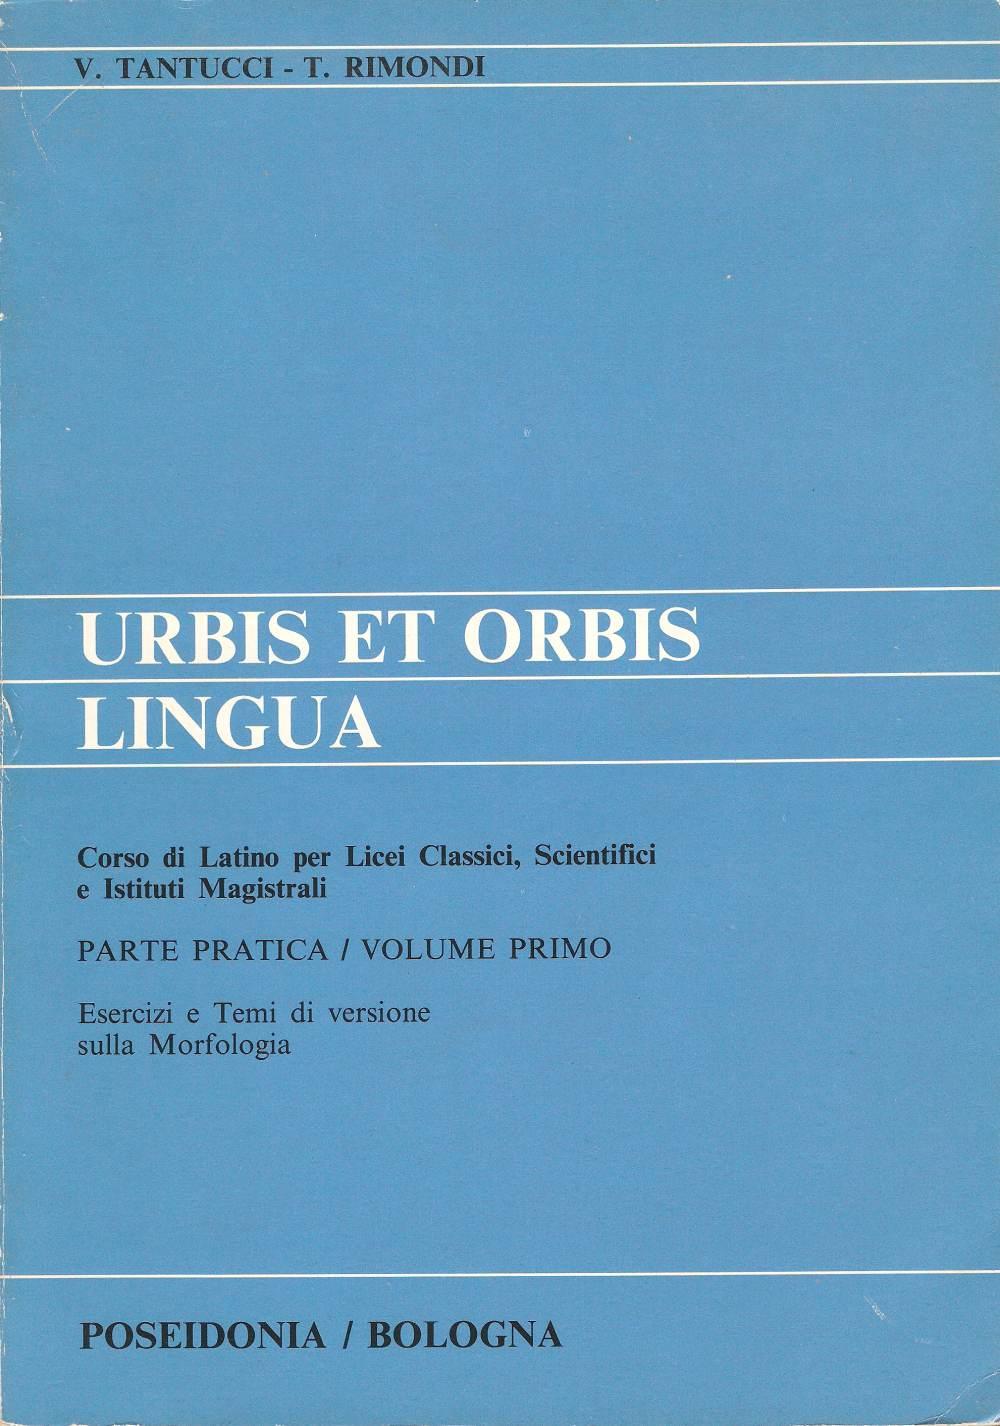 Urbis et orbis lingua. Parte pratica vol. I